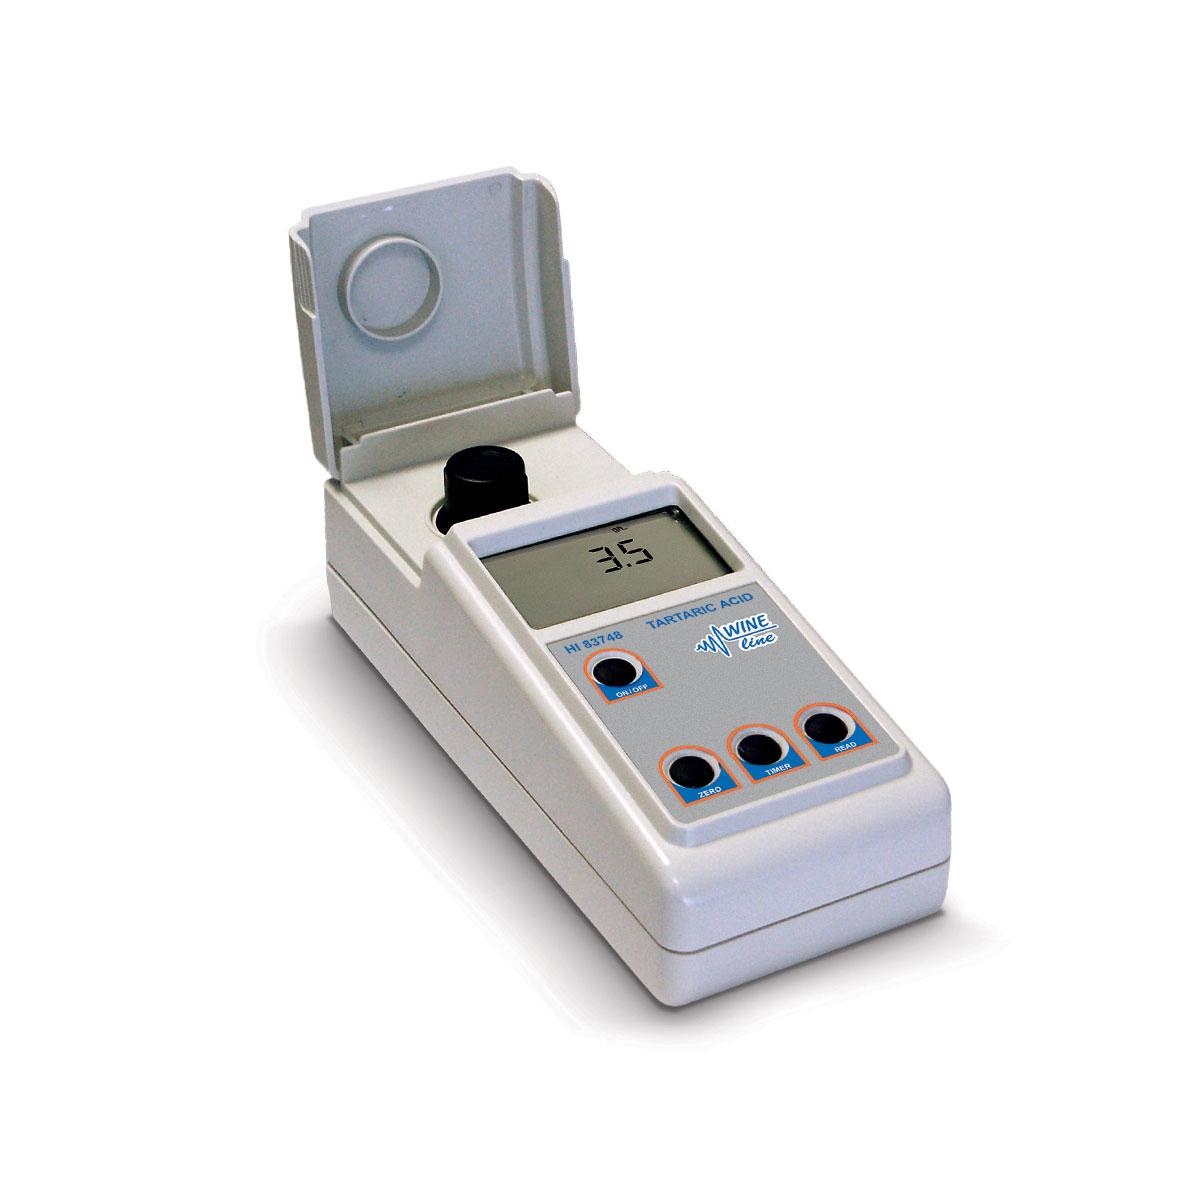 HI83748 - Fotometro per la determinazione dell'acido tartarico nel vino completo di accessori e valigetta rigida